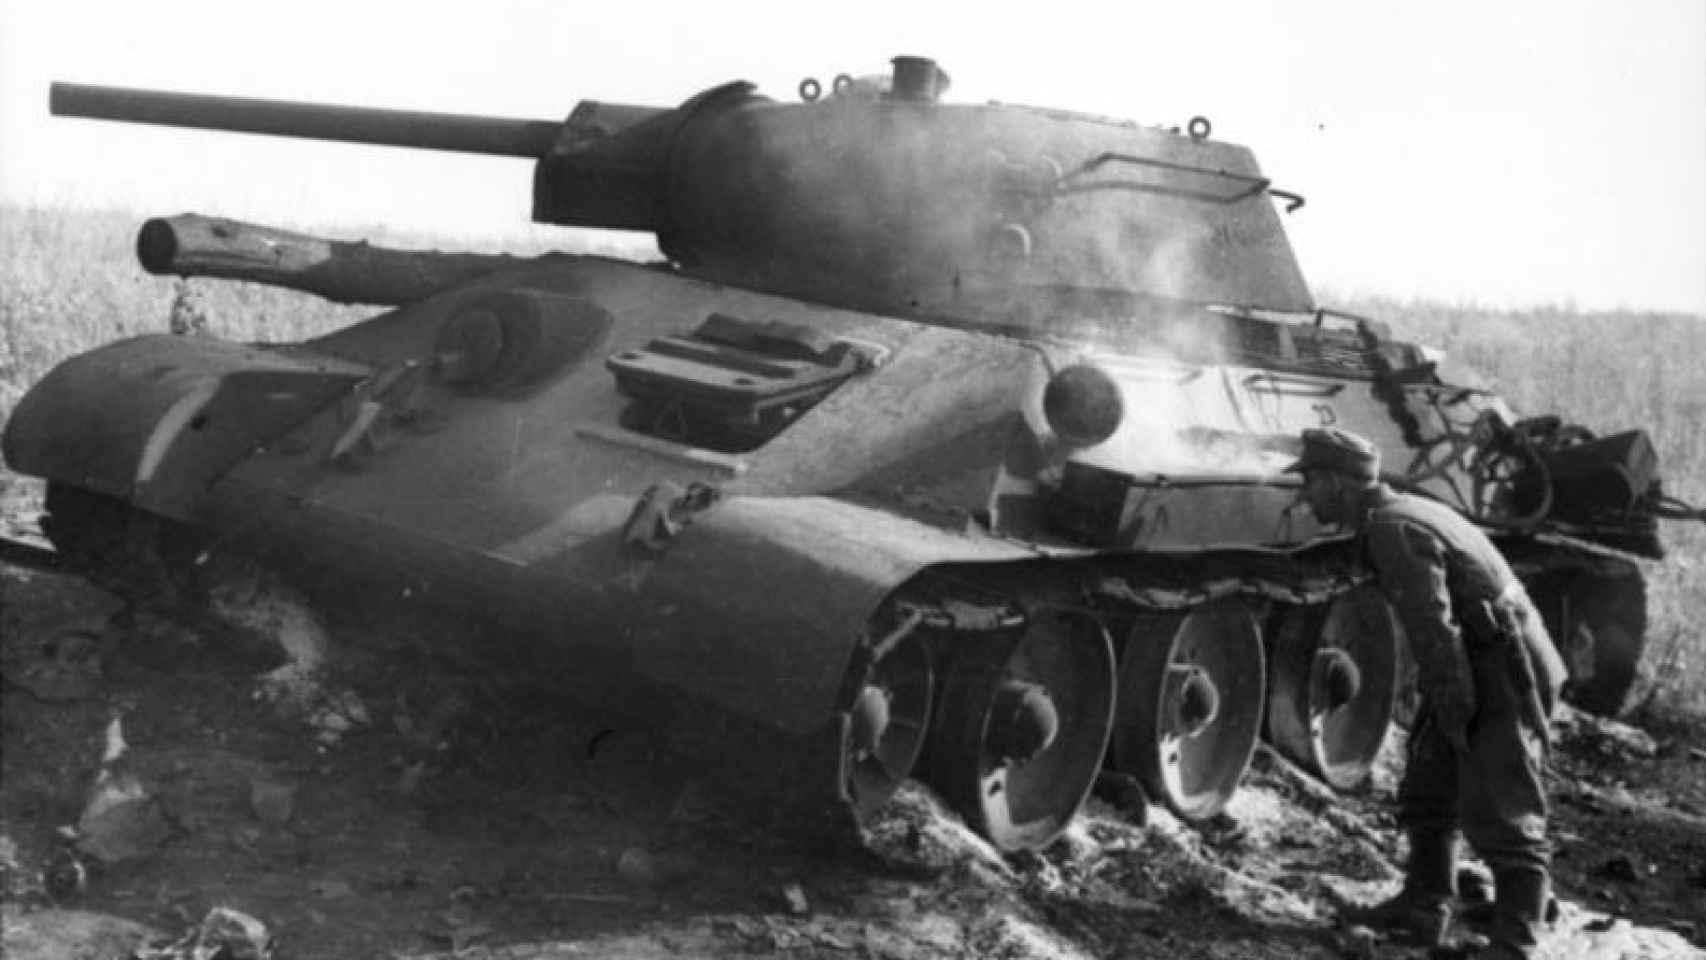 La Gran Victoria De Los Tanques De Stalin Fue Una Mentira Así Cayeron En Su Propia Trampa